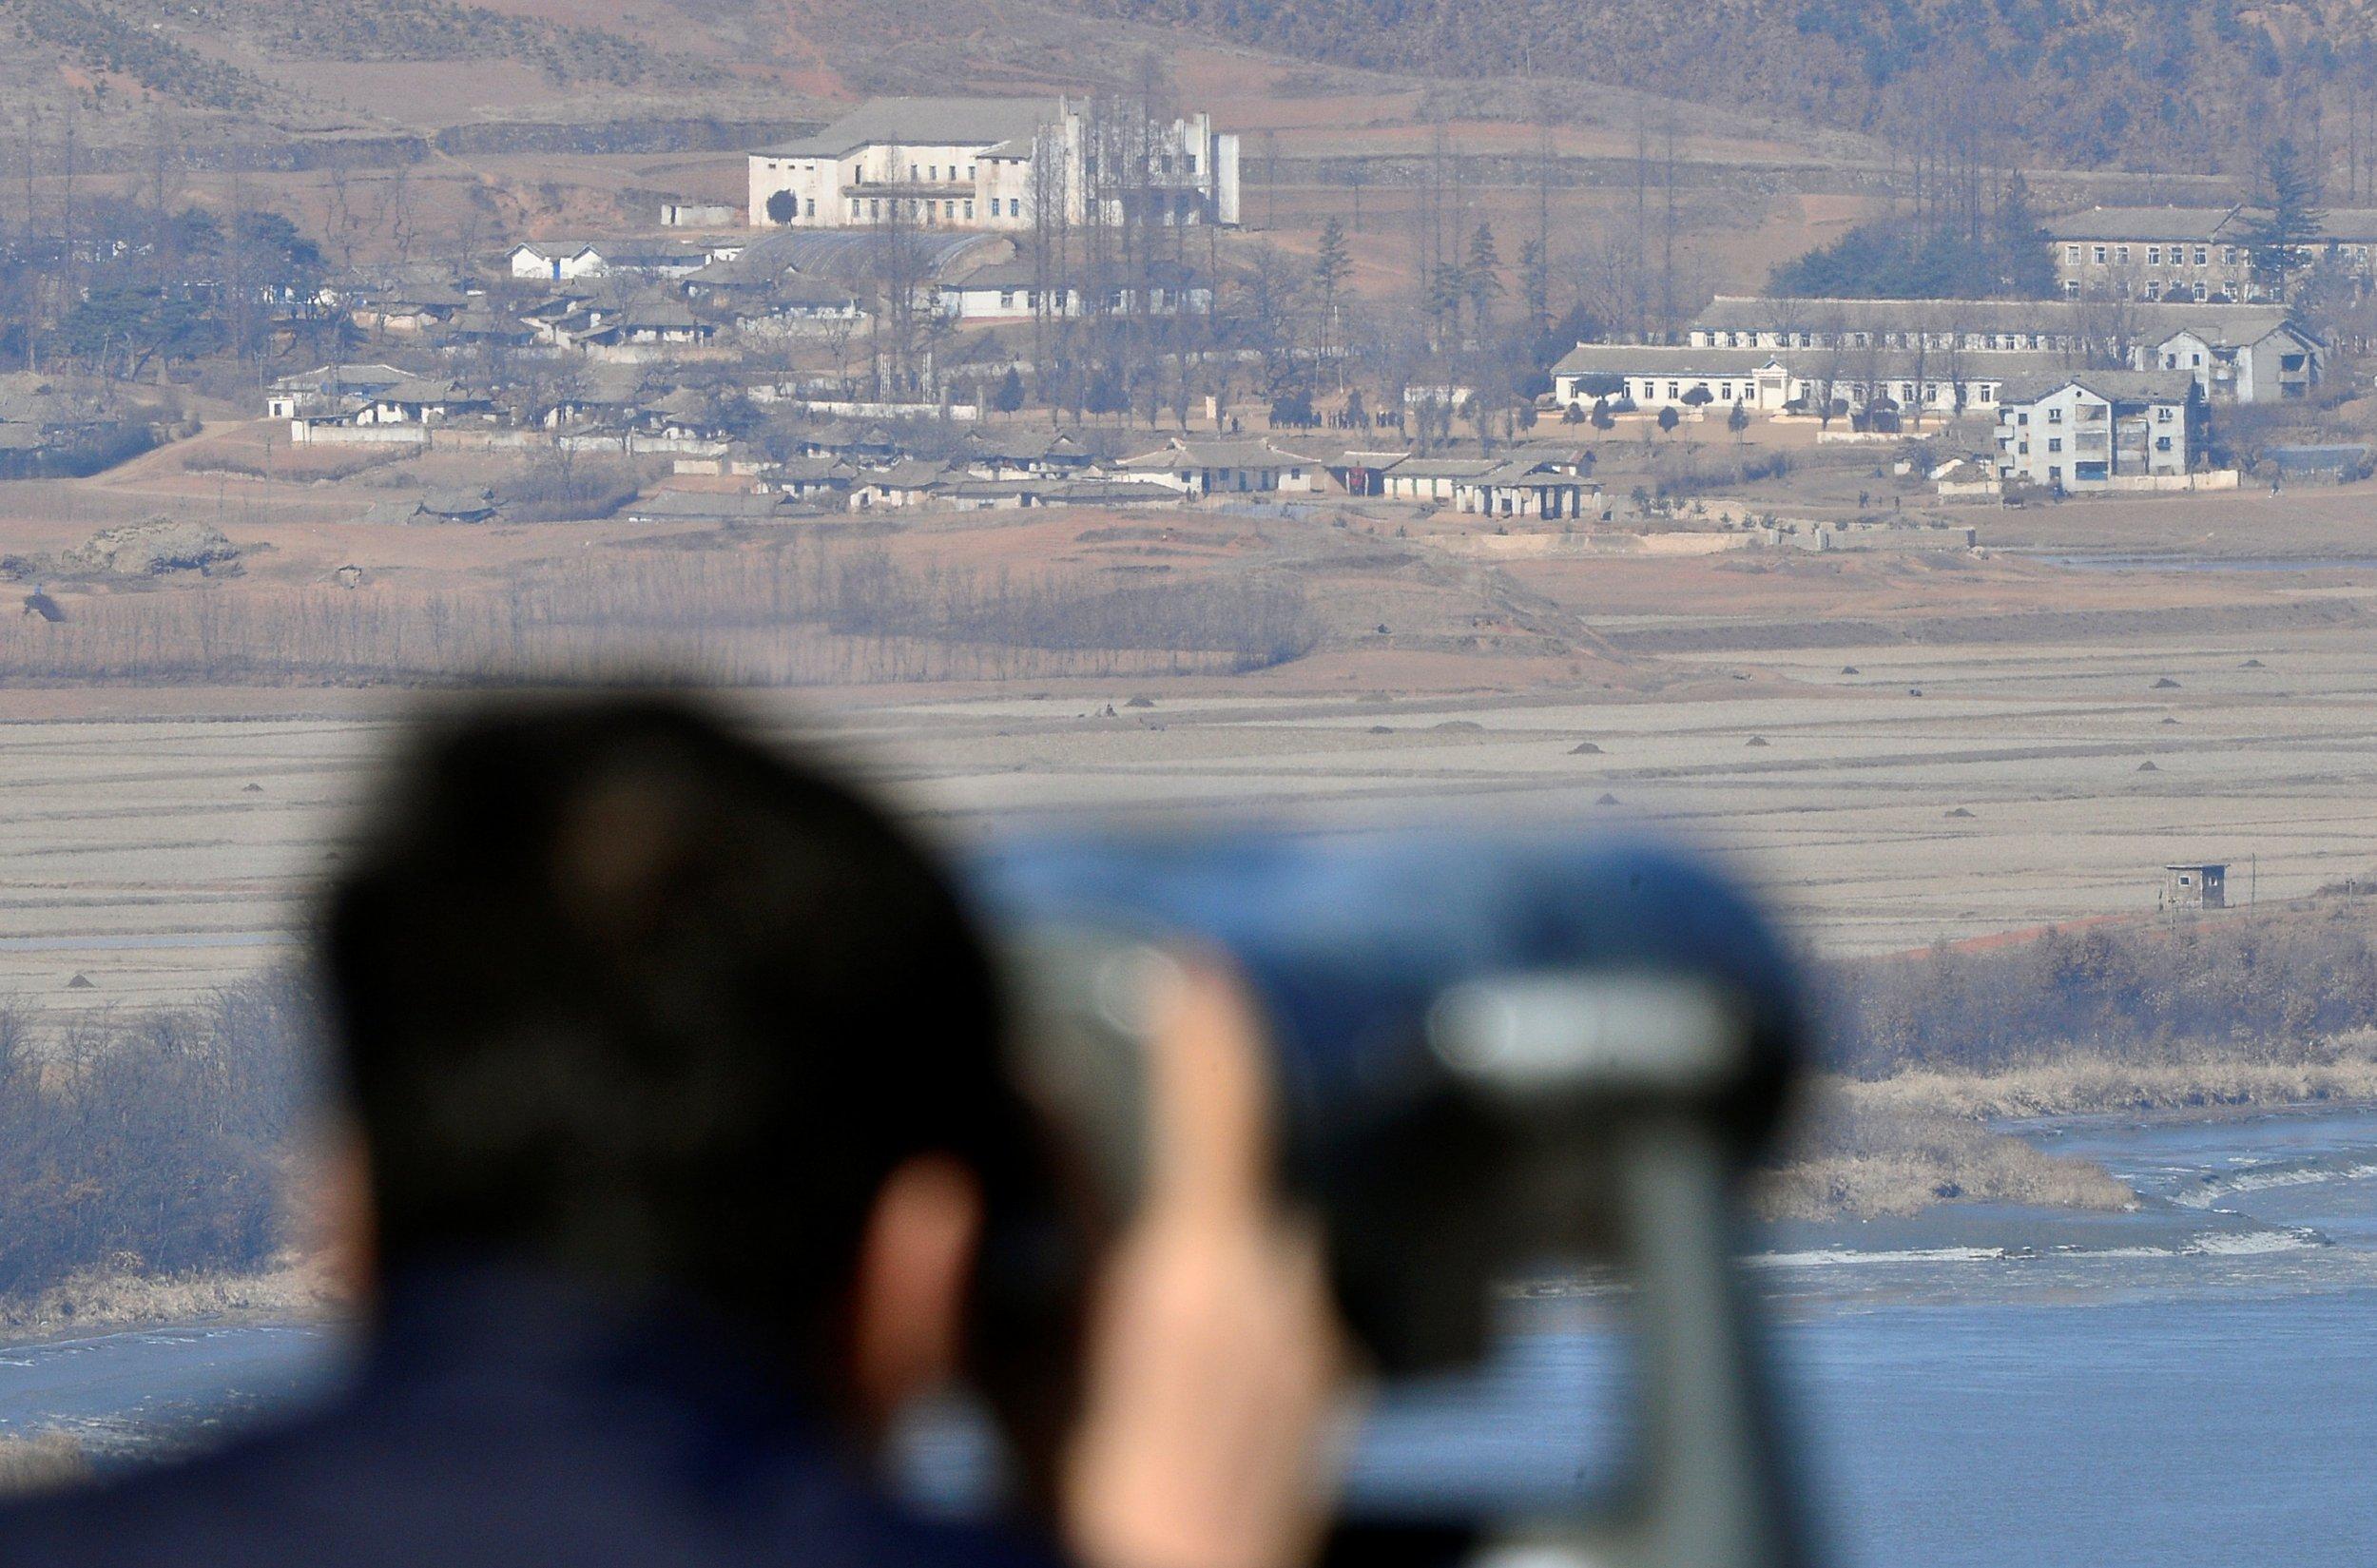 A man looks towards North Korea